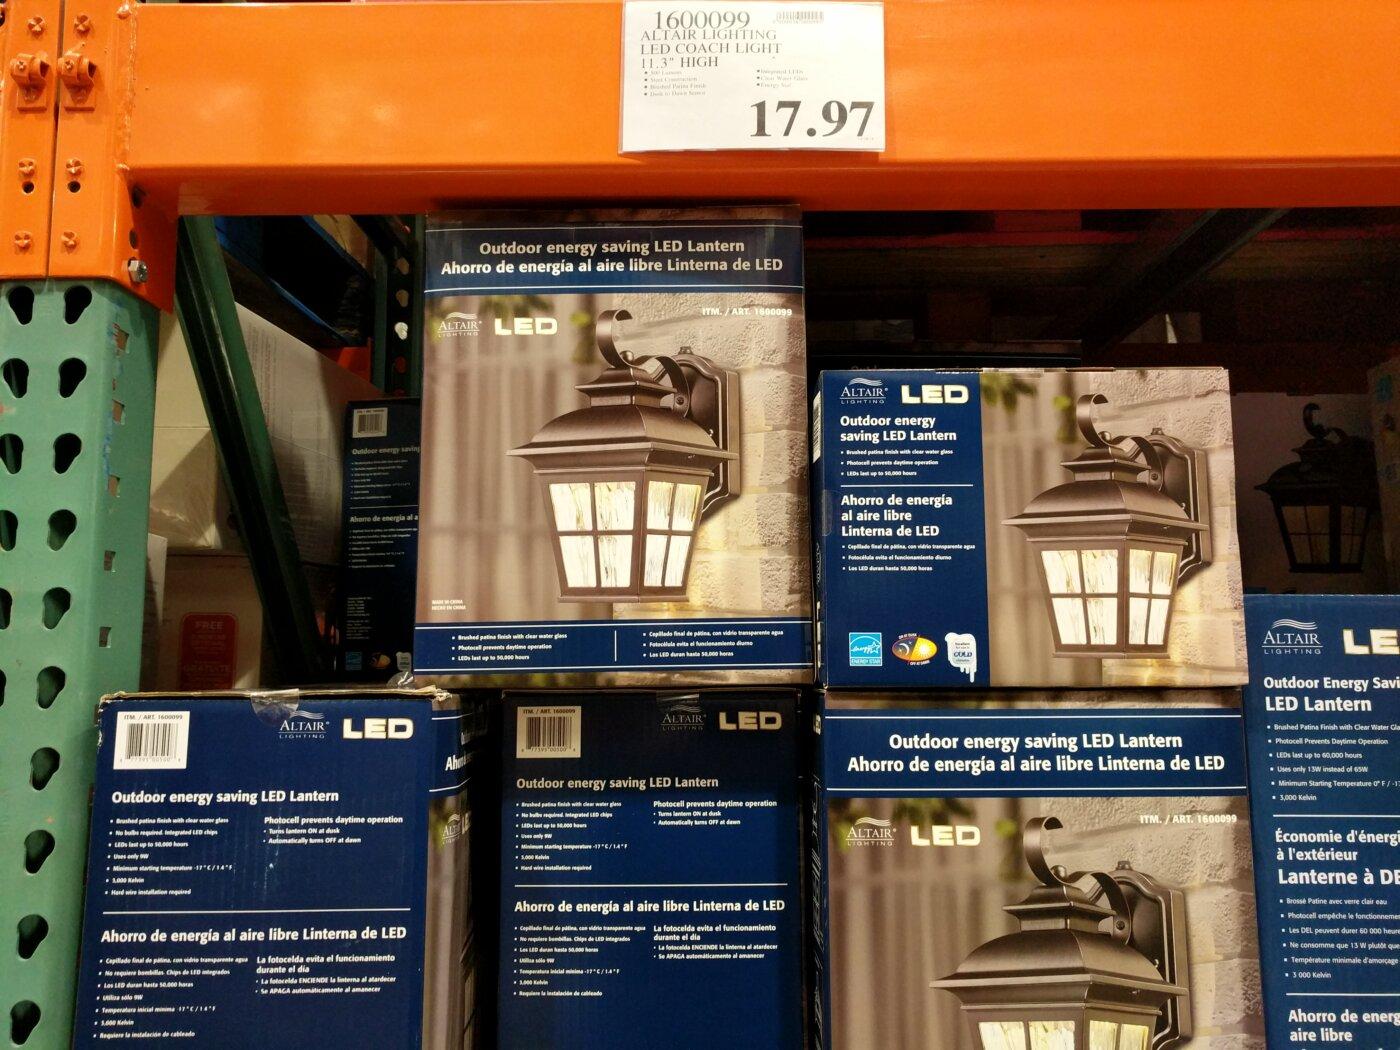 altair lighting led coach light